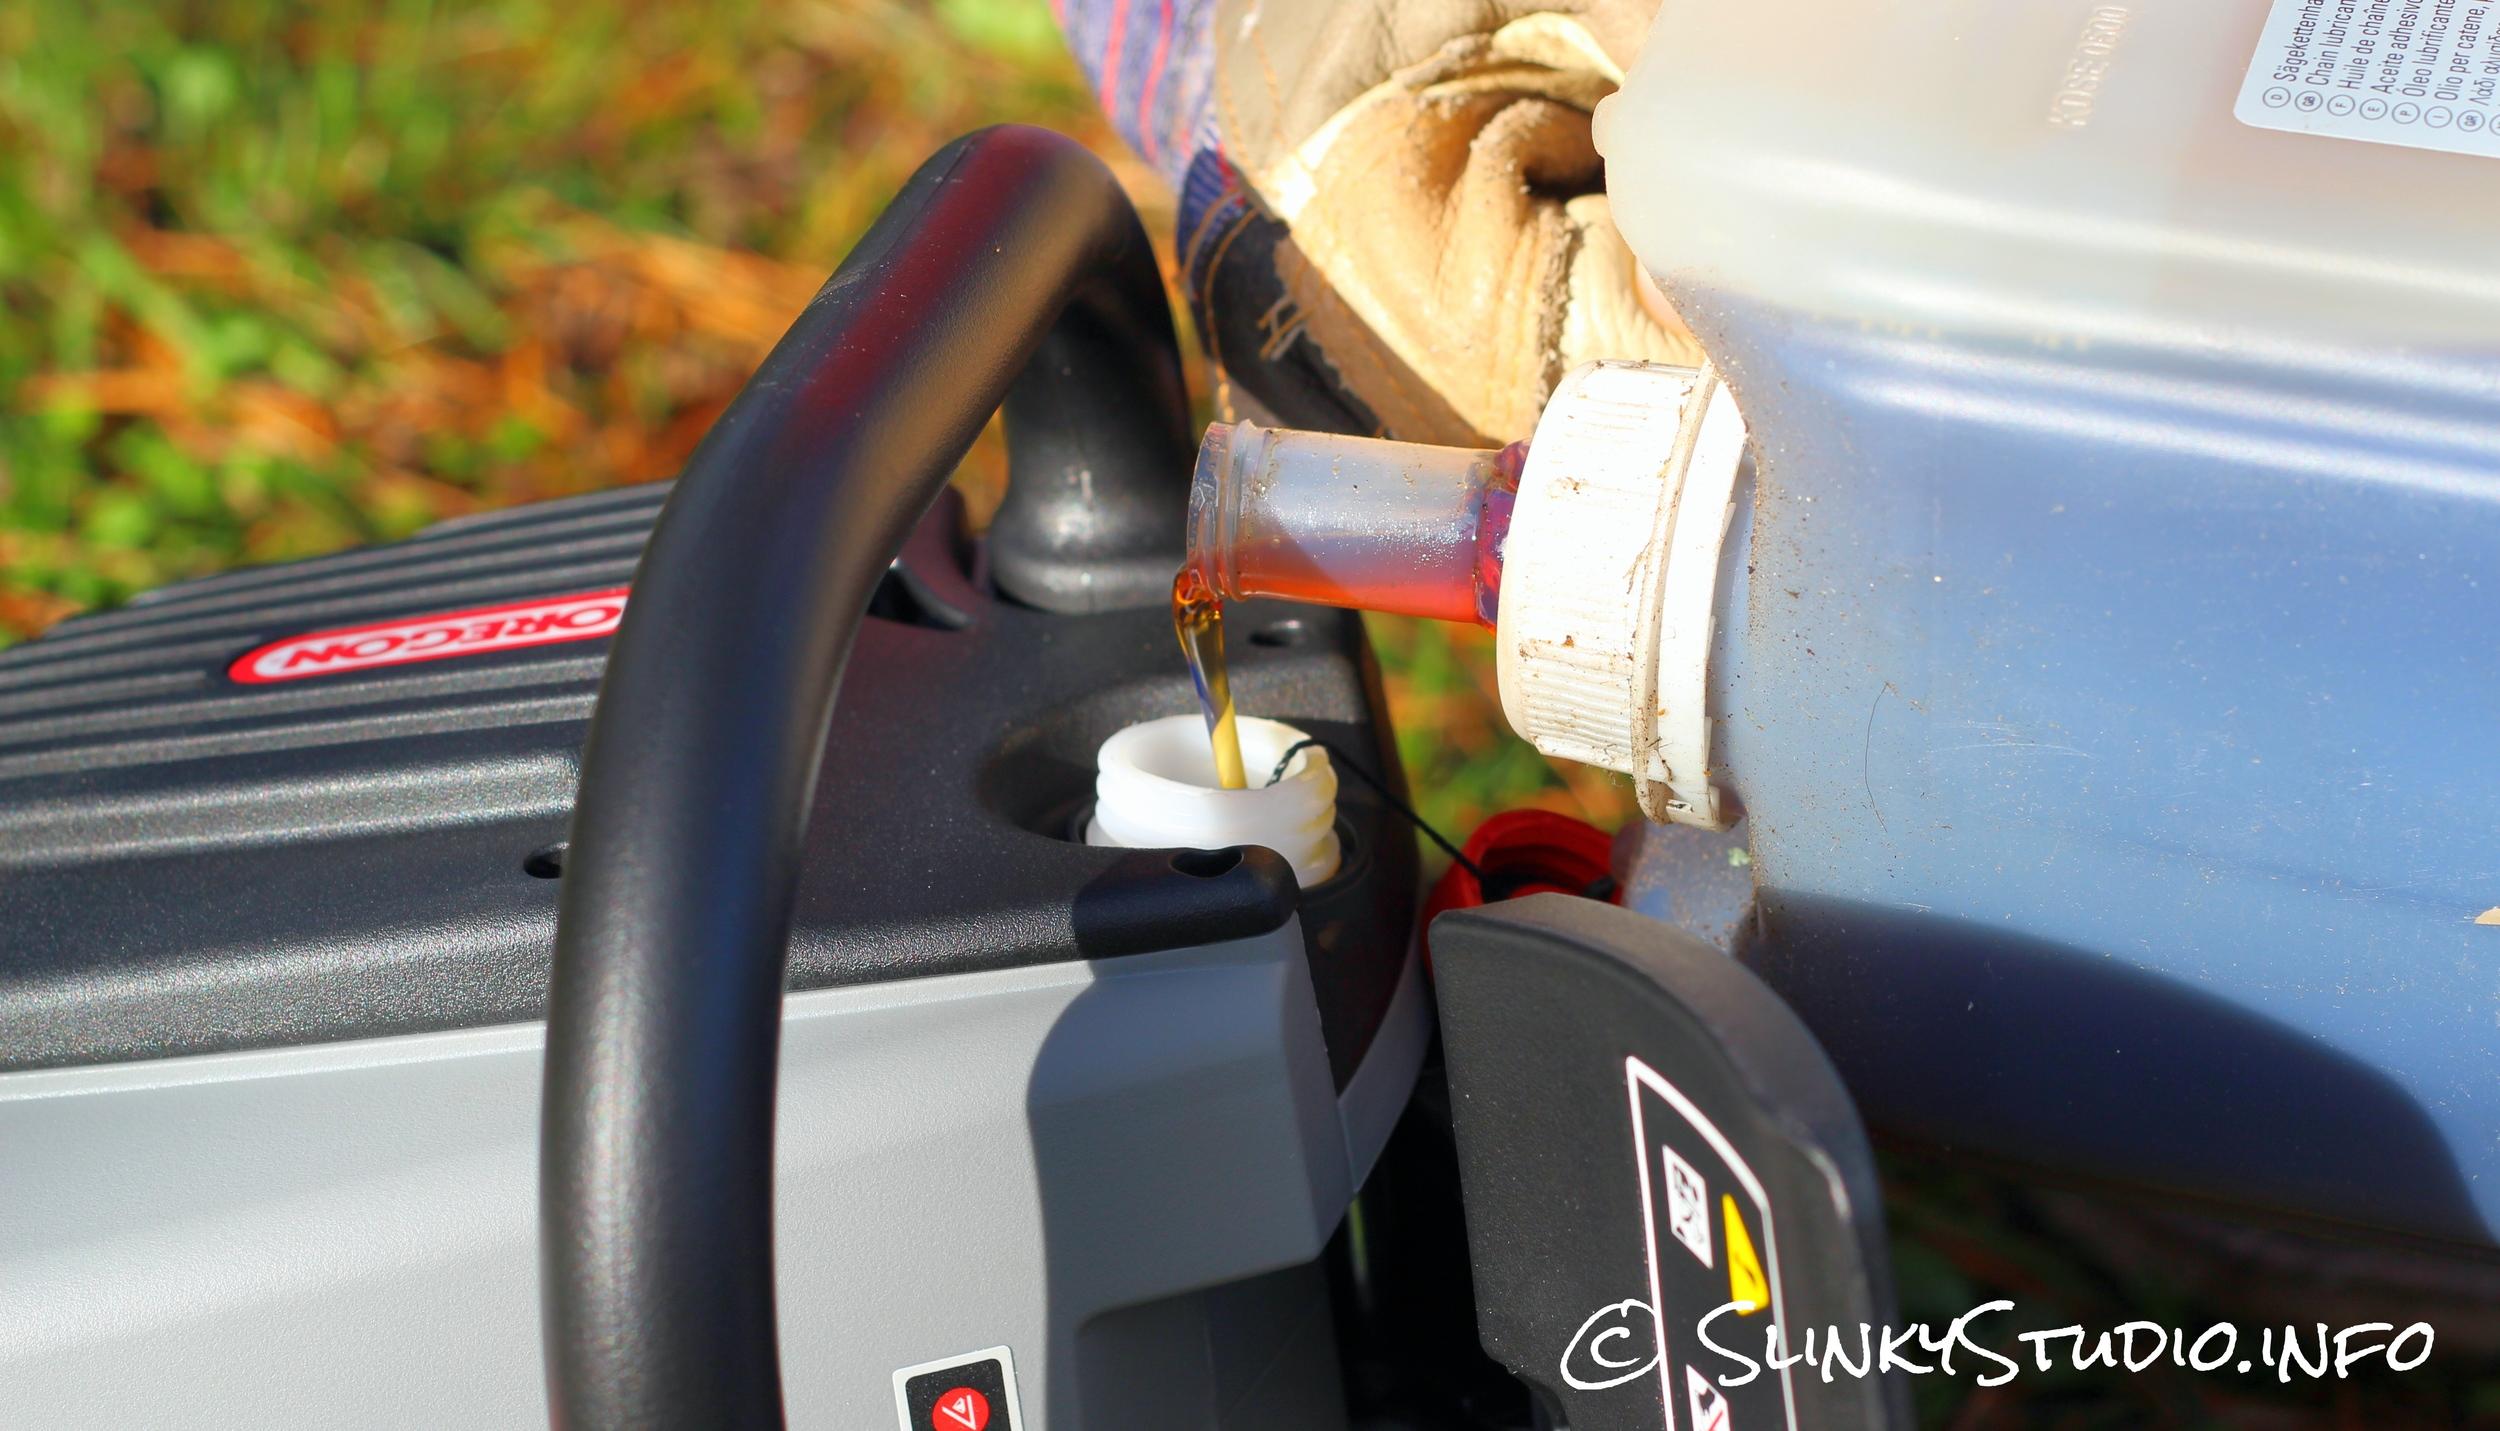 Oregon CS300 PowerNow Cordless Chainsaw Pouring Oil.jpg